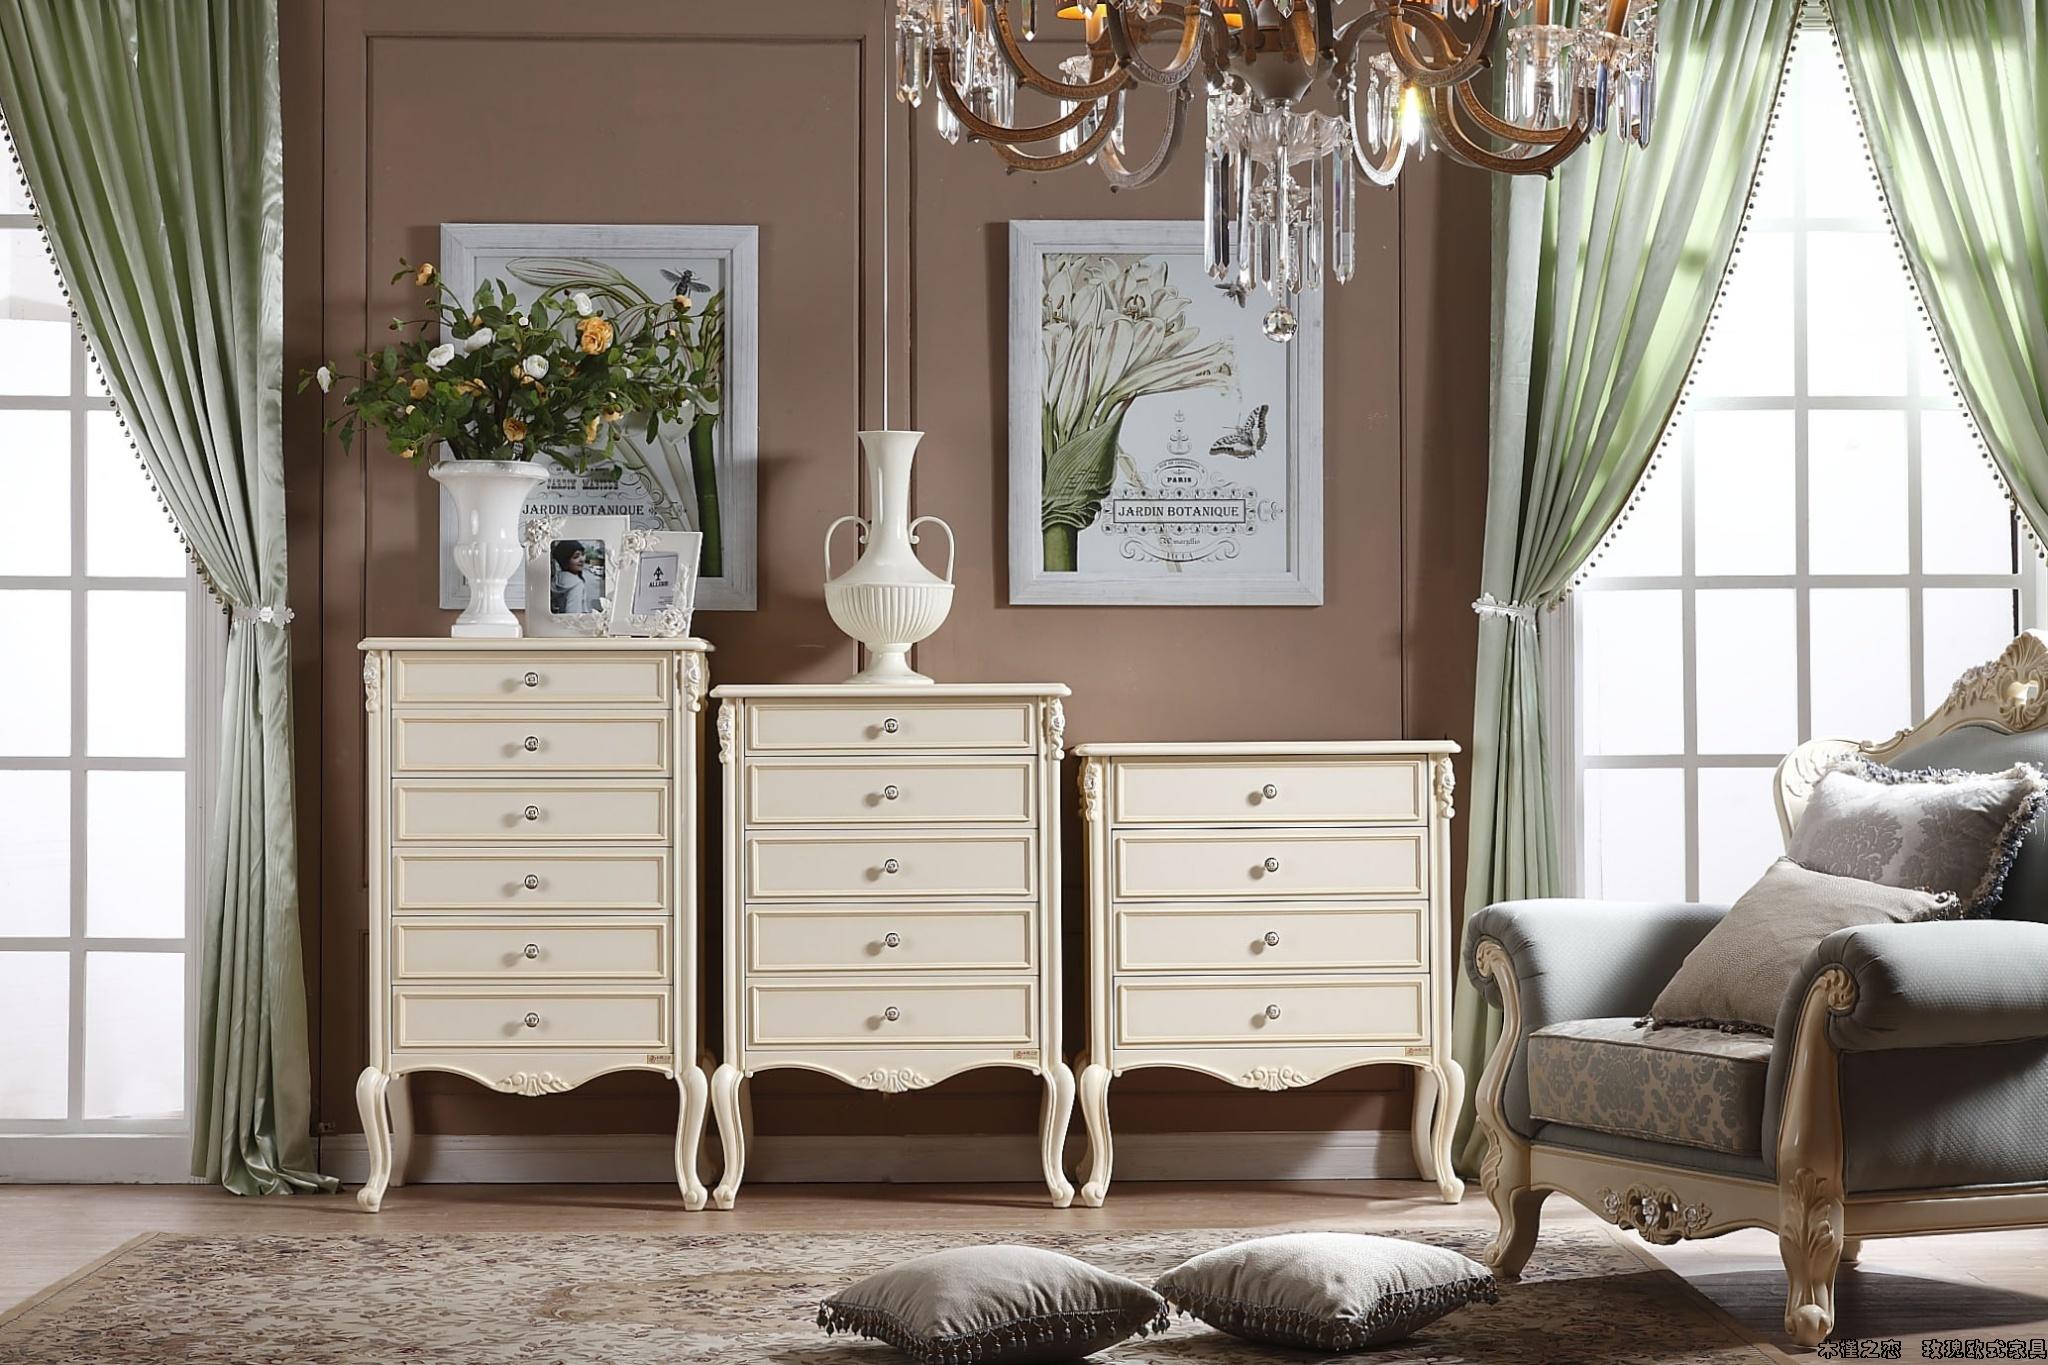 木槿之恋玫瑰欧式家具——年度图片